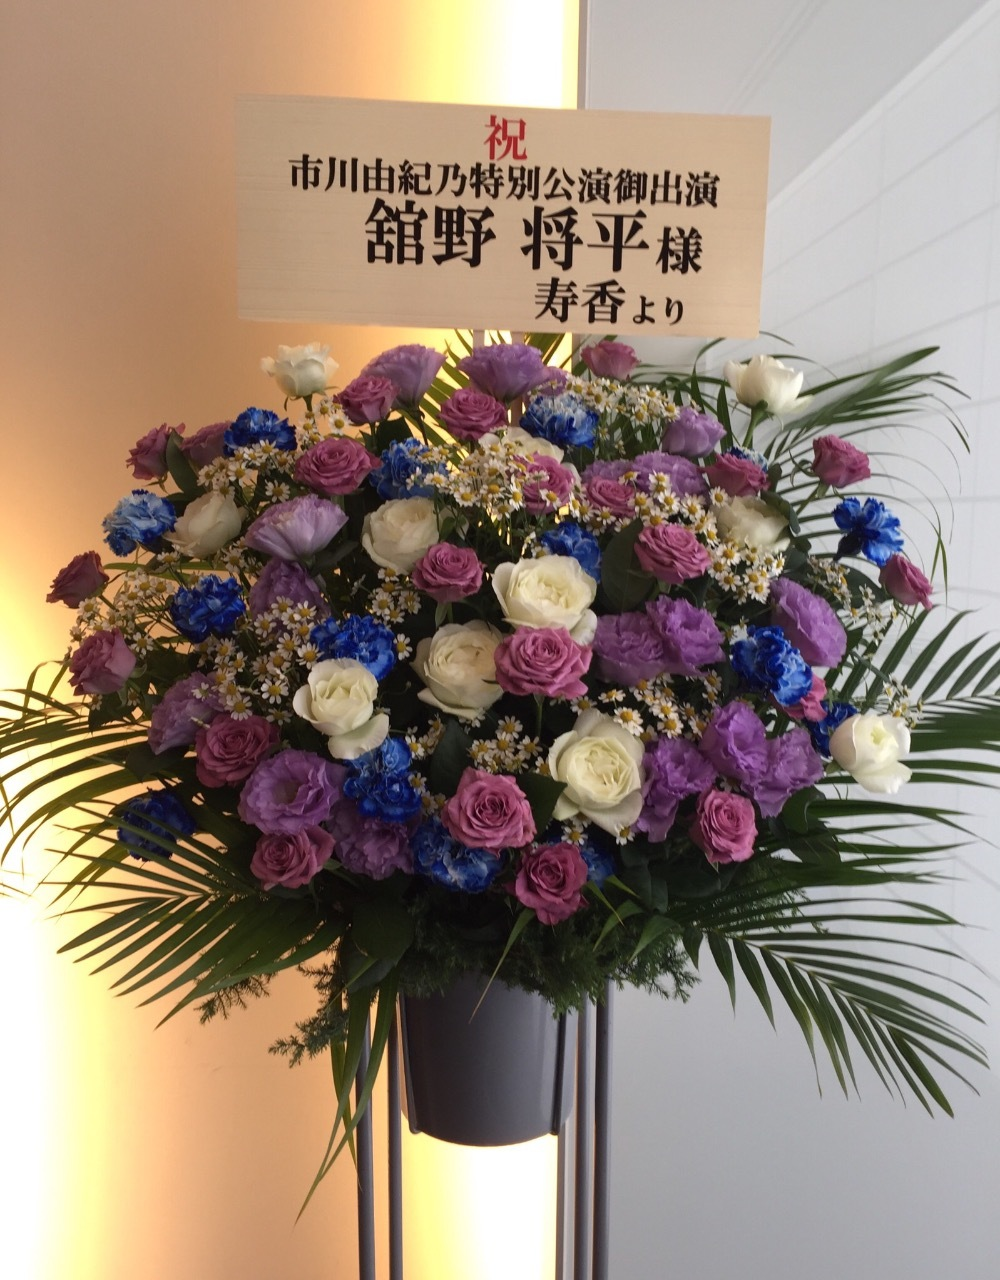 歌舞伎座様にお届けしたご出演祝いスタンド花